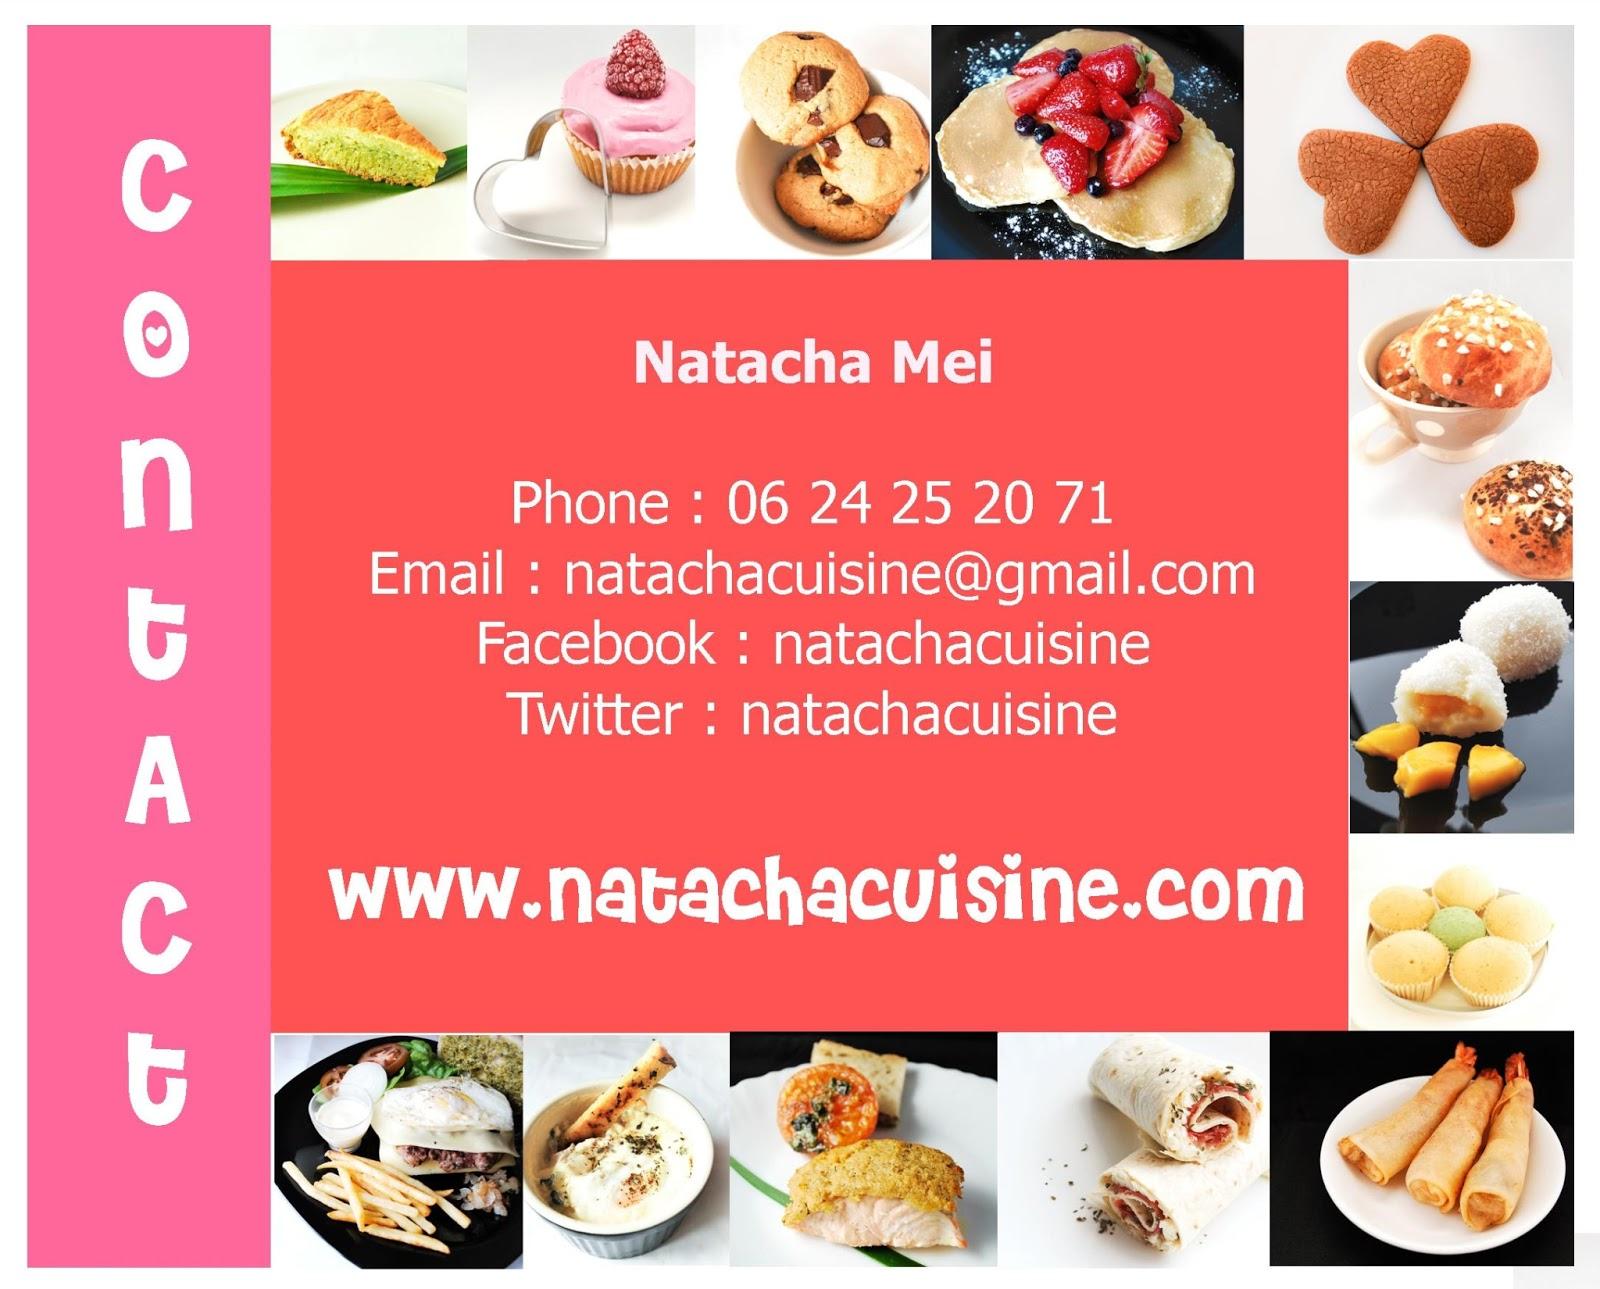 Cartes De Visites Natachacuisine Propose Des Cours Cuisine Ou Prestations Professionnelles Animation Dvnement Commande Gteaux Rdaction Darticles